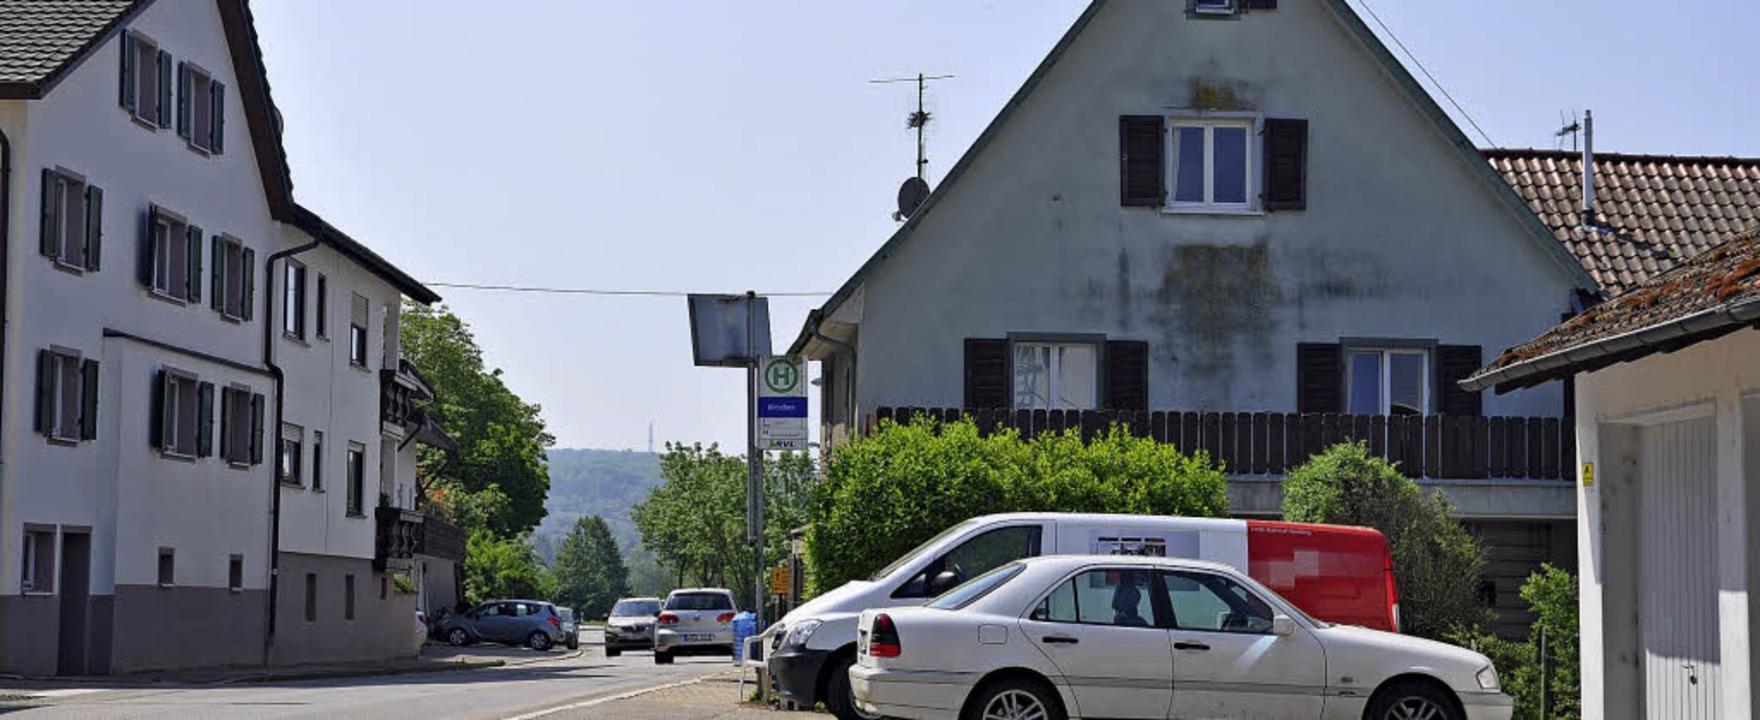 Ein neues modernes Buswartehäuschen soll am Hirschen gebaut werden.  | Foto: Jutta Schütz